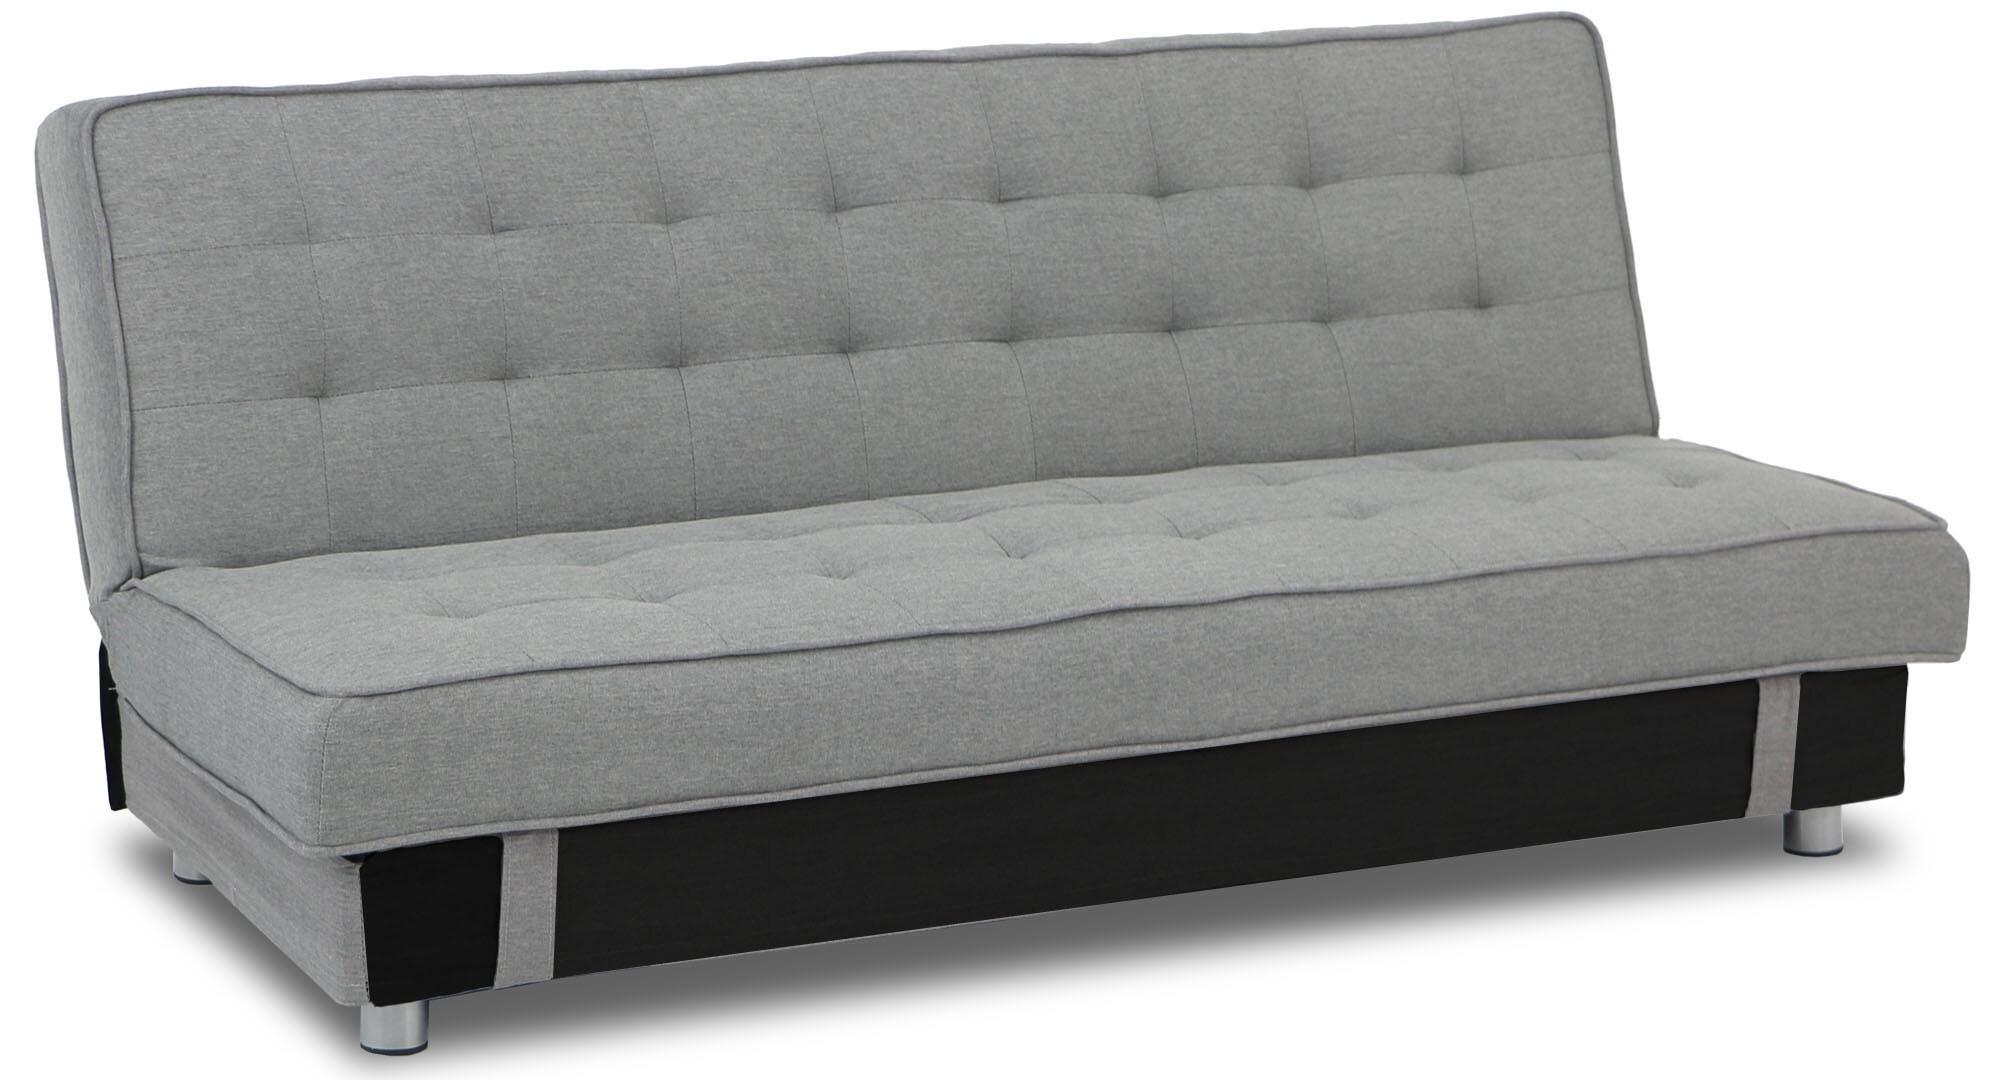 Steinar Storage Sofa Bed Grey